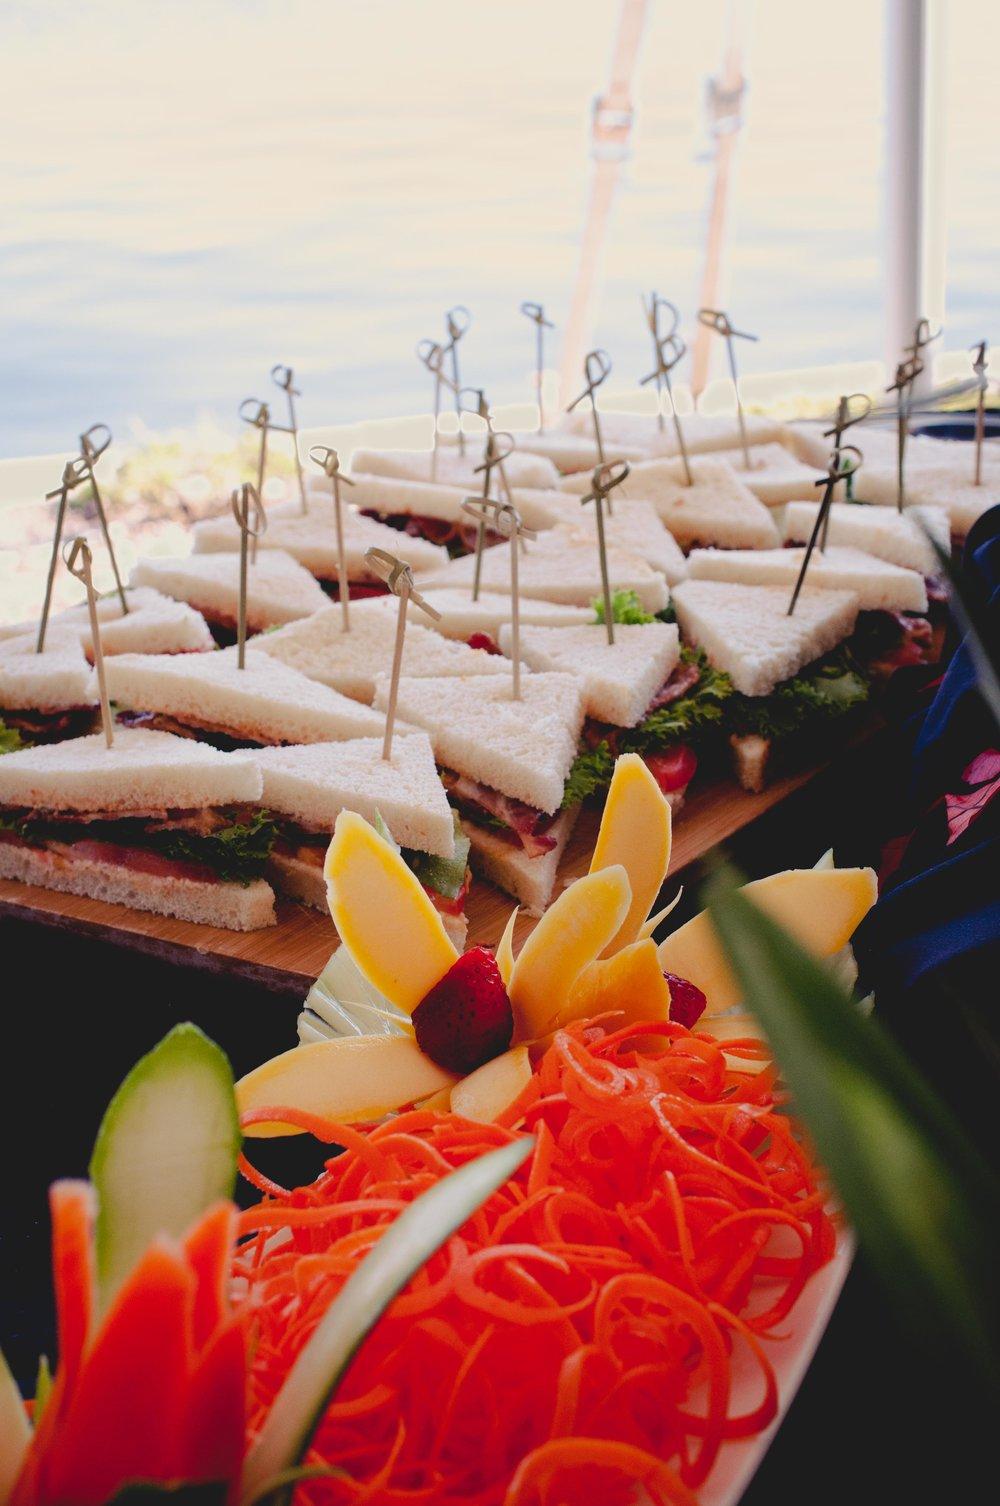 Sandwiches2.jpg